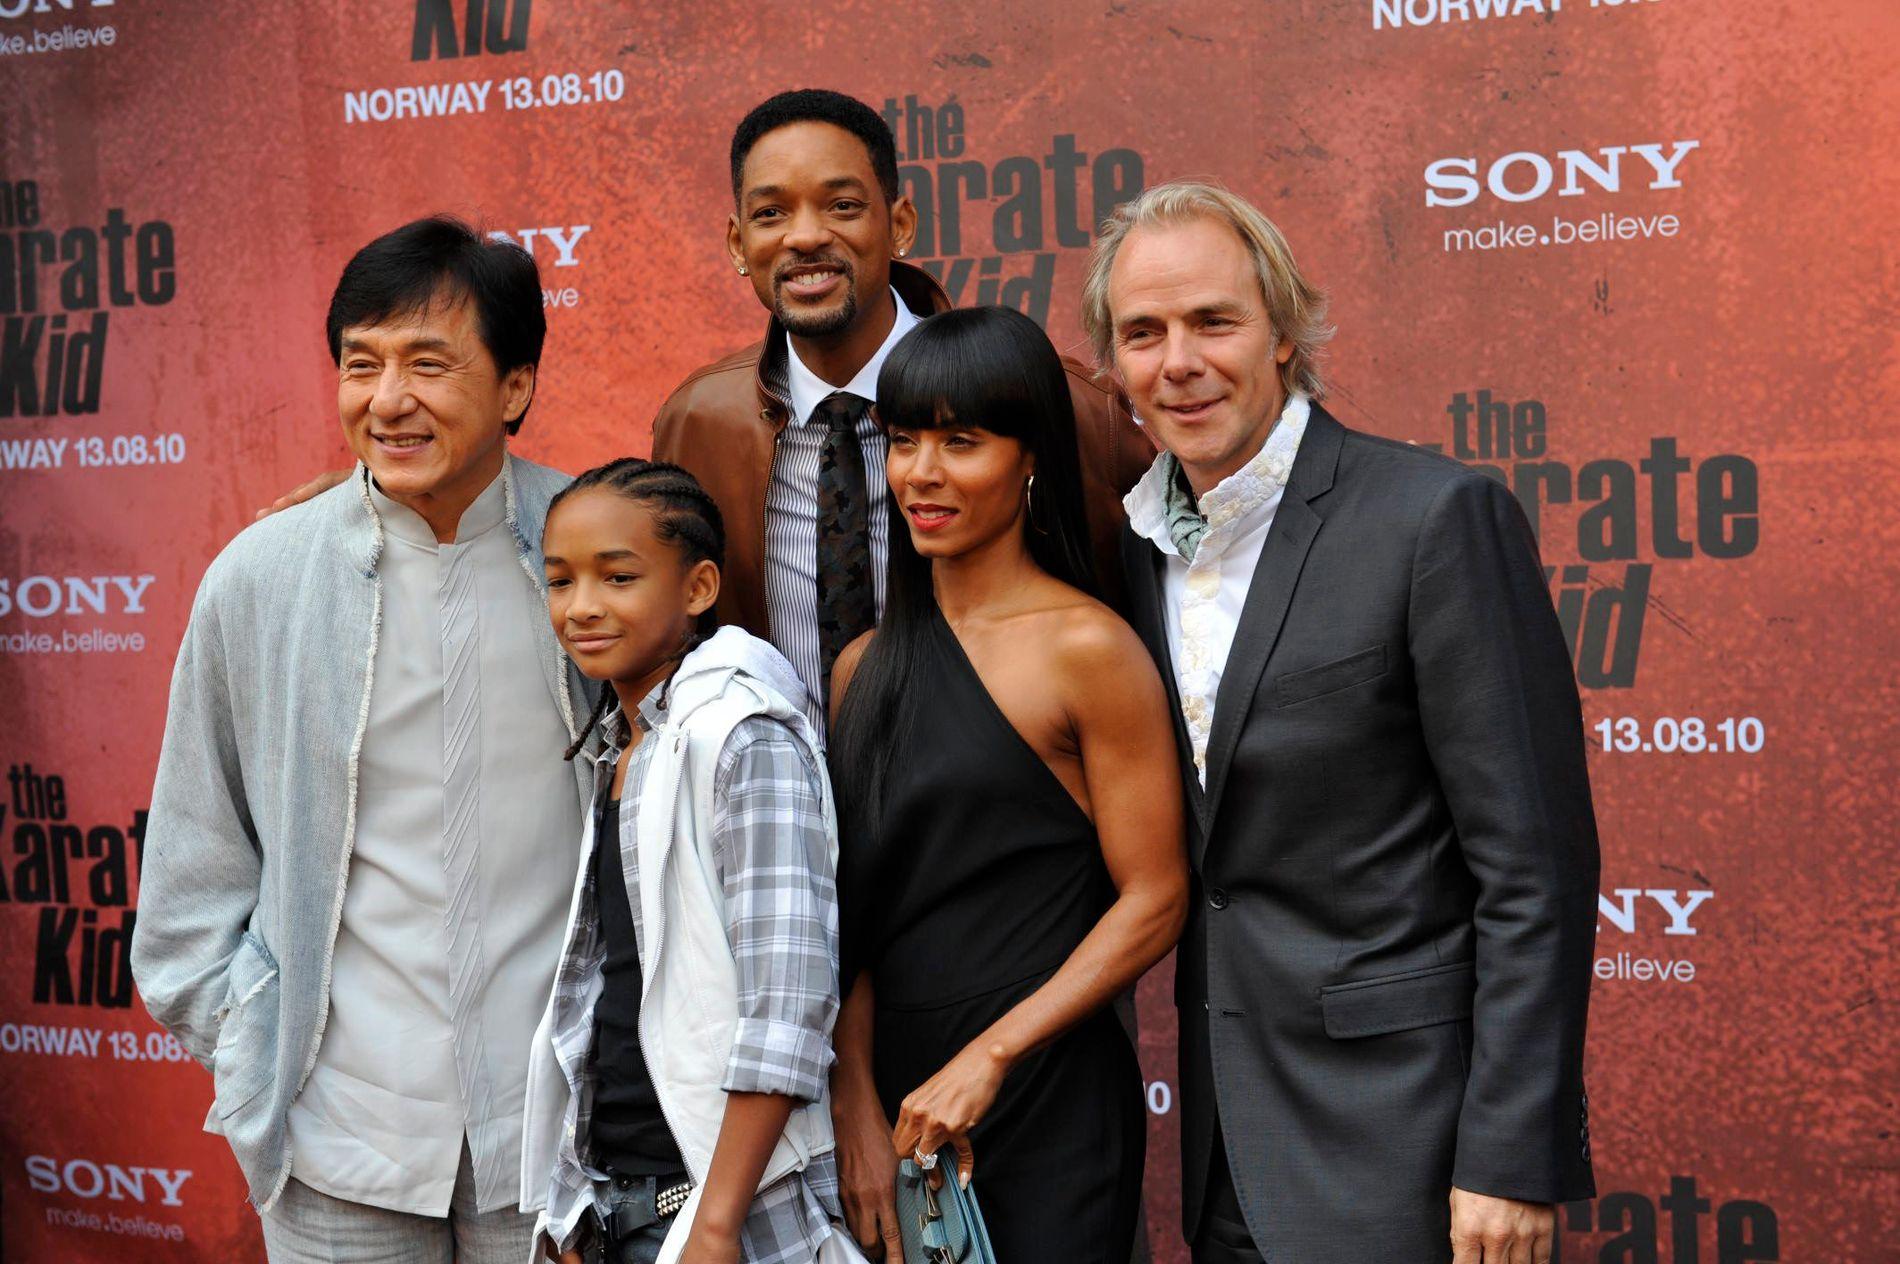 NORGESBESØK: Will Smith tok i 2010 turen til Norge og Fredrikstad i forbindelse med premieren av Harald Zwart-filmen «Karate Kid», der sønnen Jaden Smith hadde en rolle. Karate Kid. Med var også kona Jada Pinkett Smith. Til venstre: Jackie Chan.